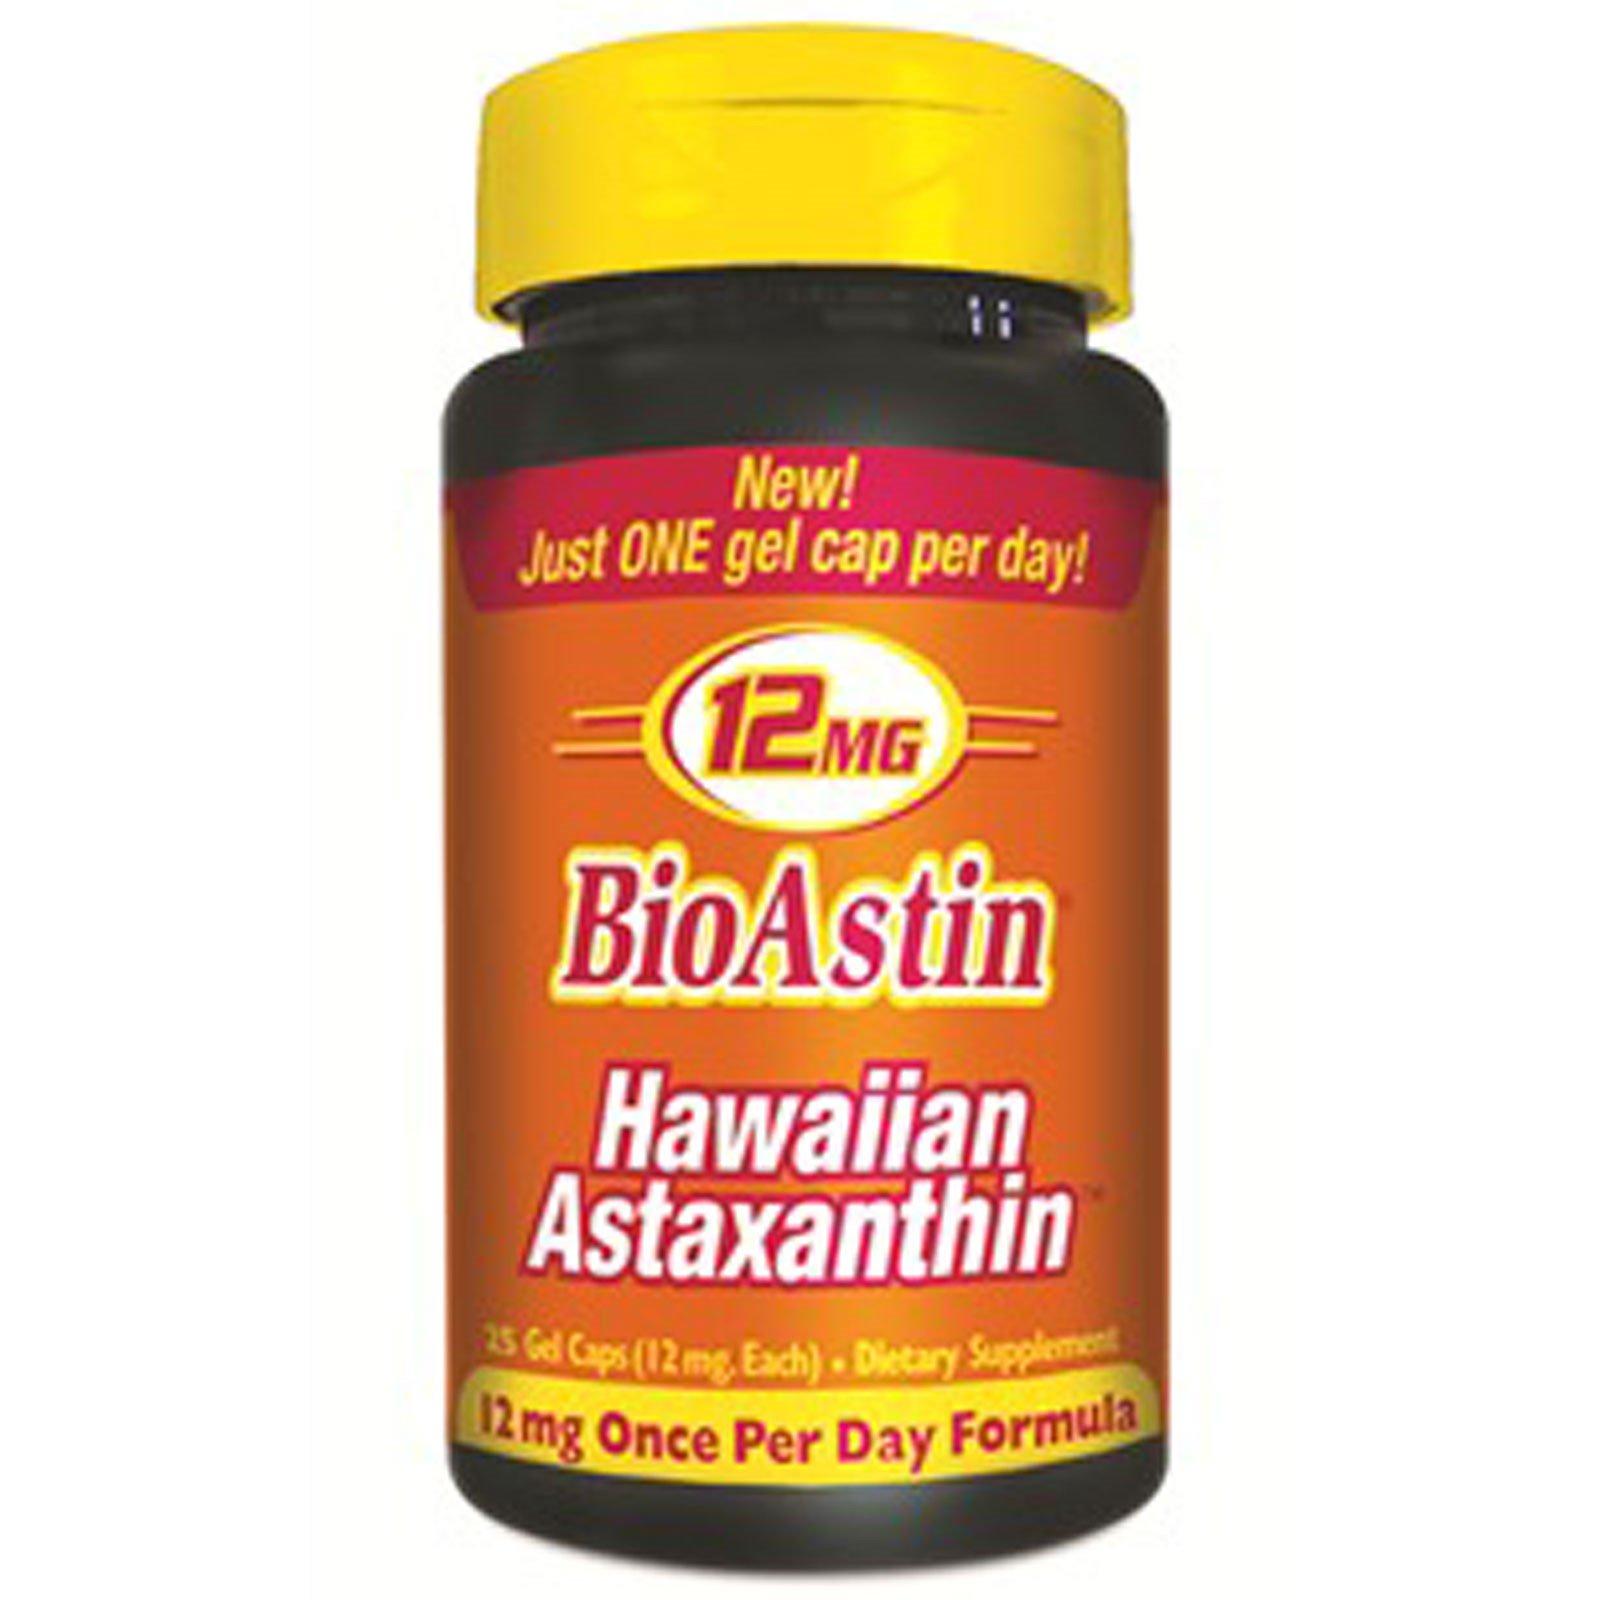 Nutrex Hawaii, BioAstin, 12 mg, 25 Gel Caps